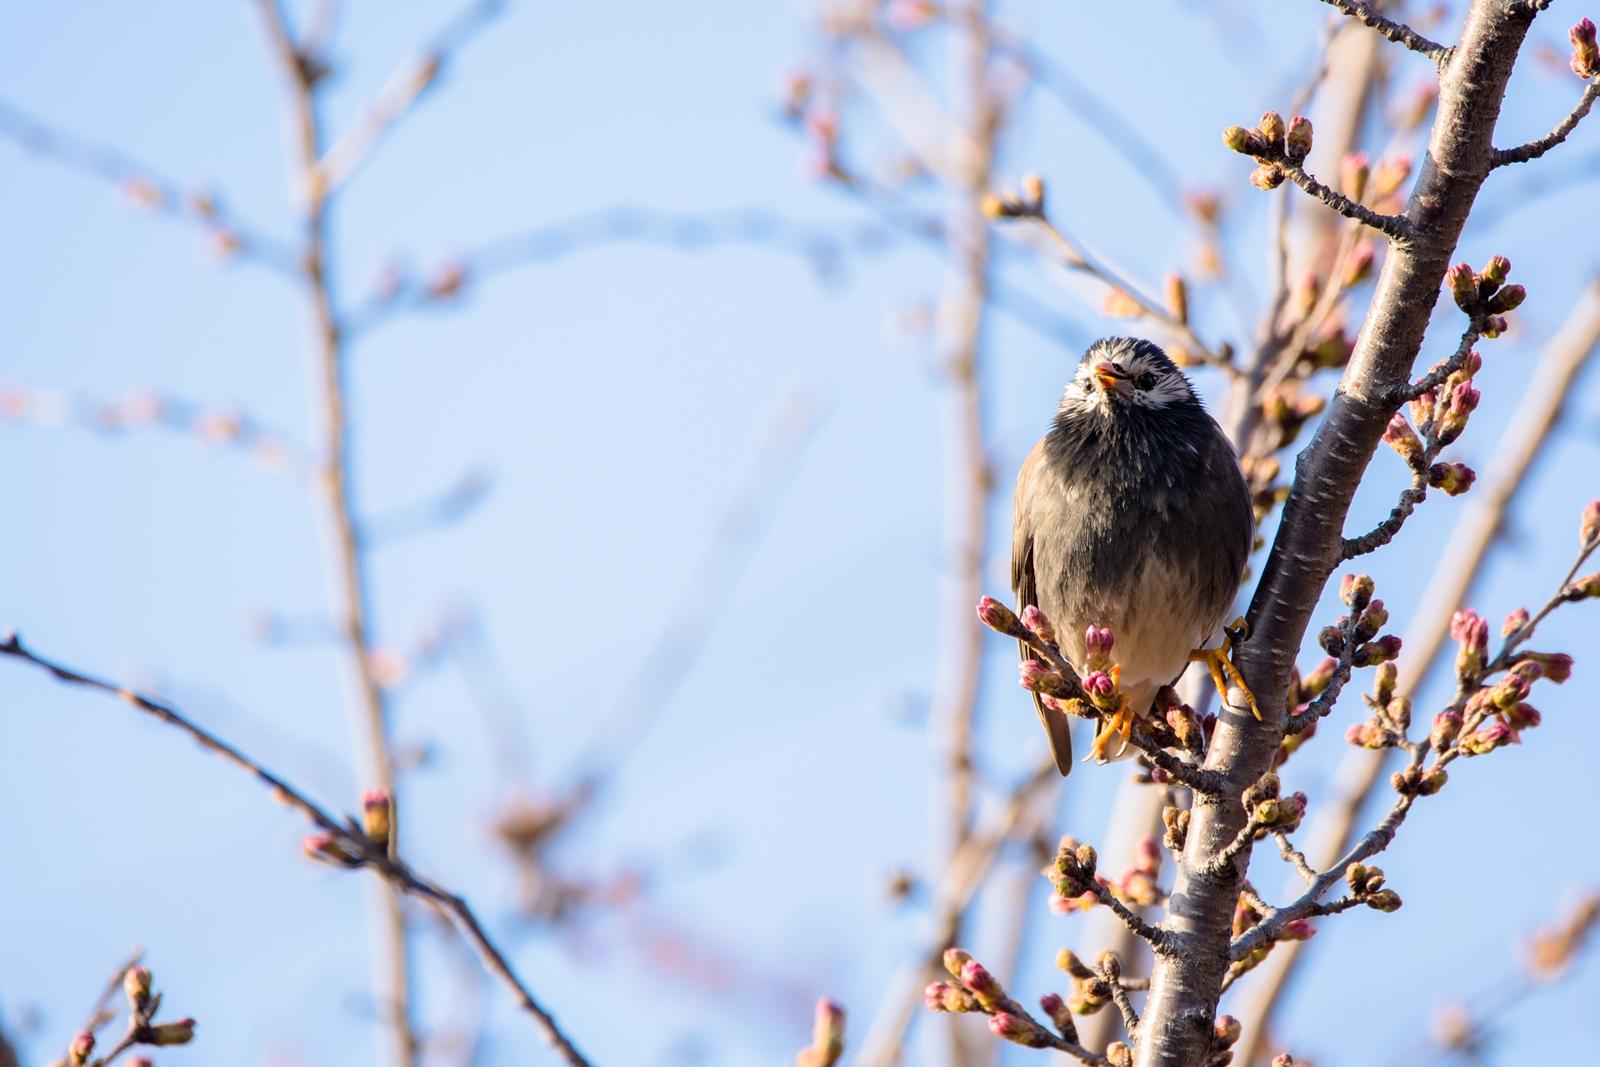 Photo: 「歌を届ける」 / Song for you.  一生懸命声にする 歓迎の歌 みんなが待ってるよ たくさんの想いが 春を咲かせる  White-cheeked Starling. (ムクドリ)  Nikon D7200 SIGMA 150-600mm F5-6.3 DG OS HSM Contemporary  #birdphotography #birds #kawaii #小鳥 #nikon #sigma #小鳥グラファー  ( http://takafumiooshio.com/archives/1407 )